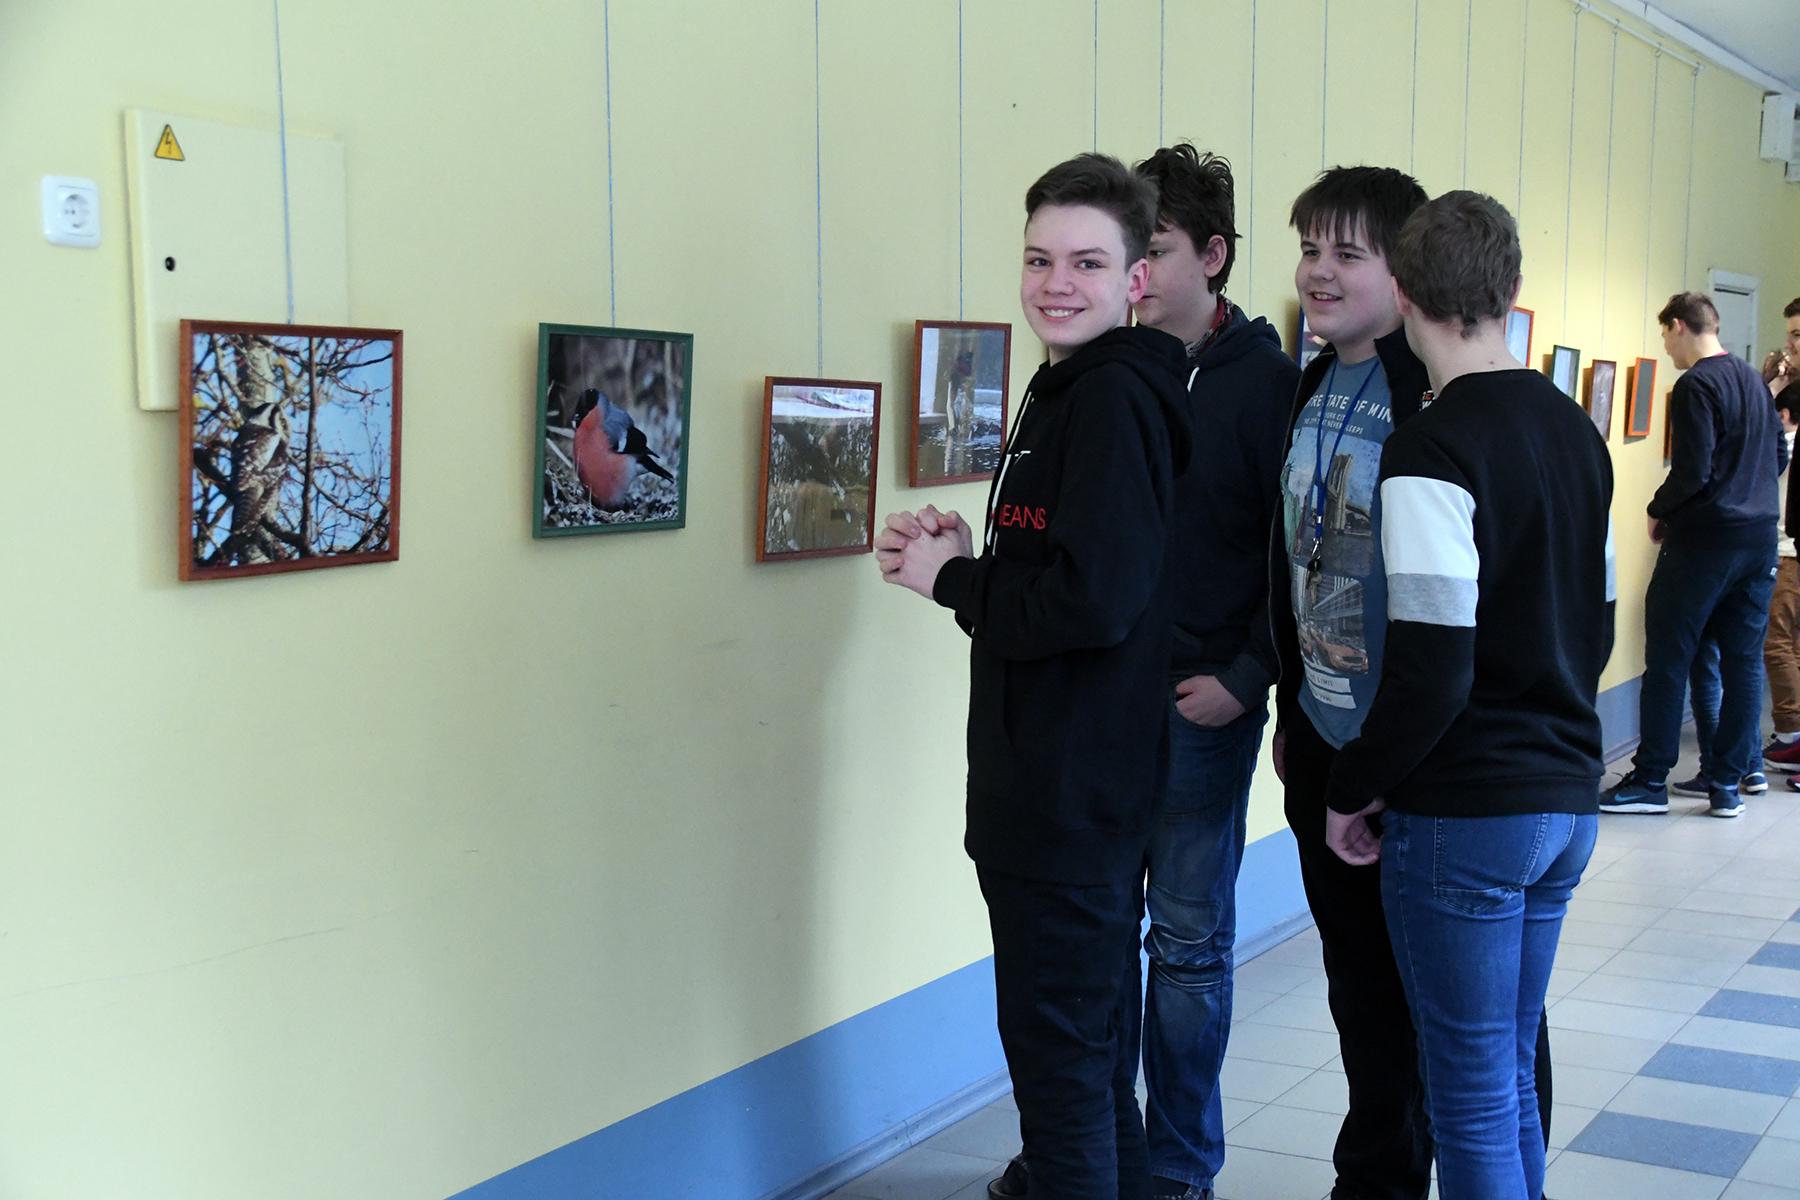 Joosep Ailiste tutvustab klassikaaslastele oma loodusfotode näitust Sindi gümnaasiumis. Foto Urmas Saard